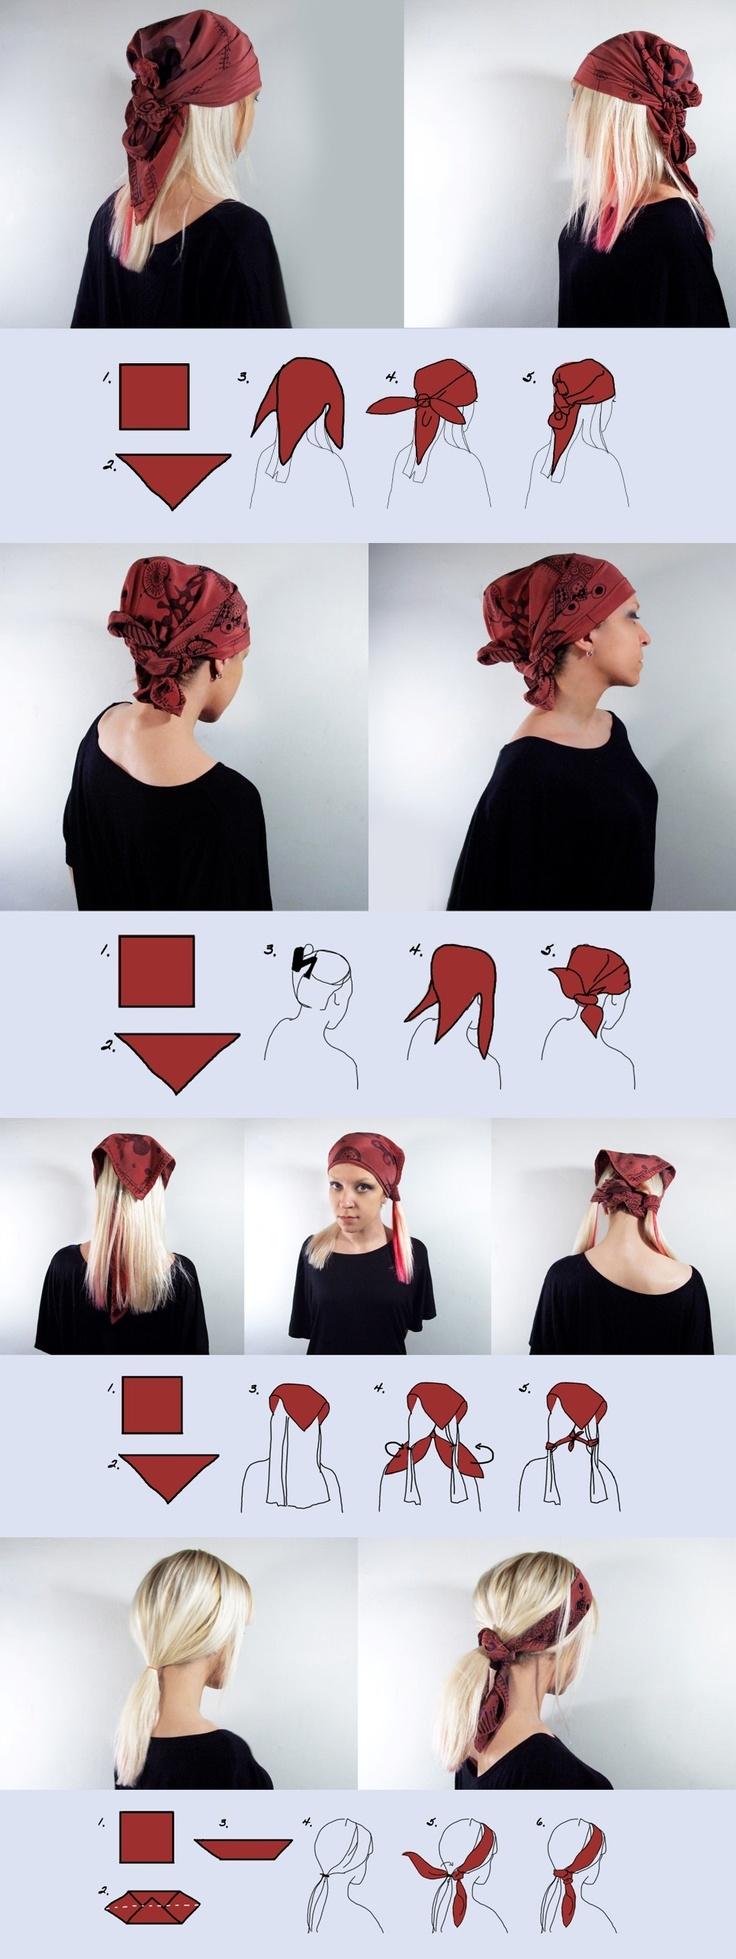 Как правильно завязать платок на голове?